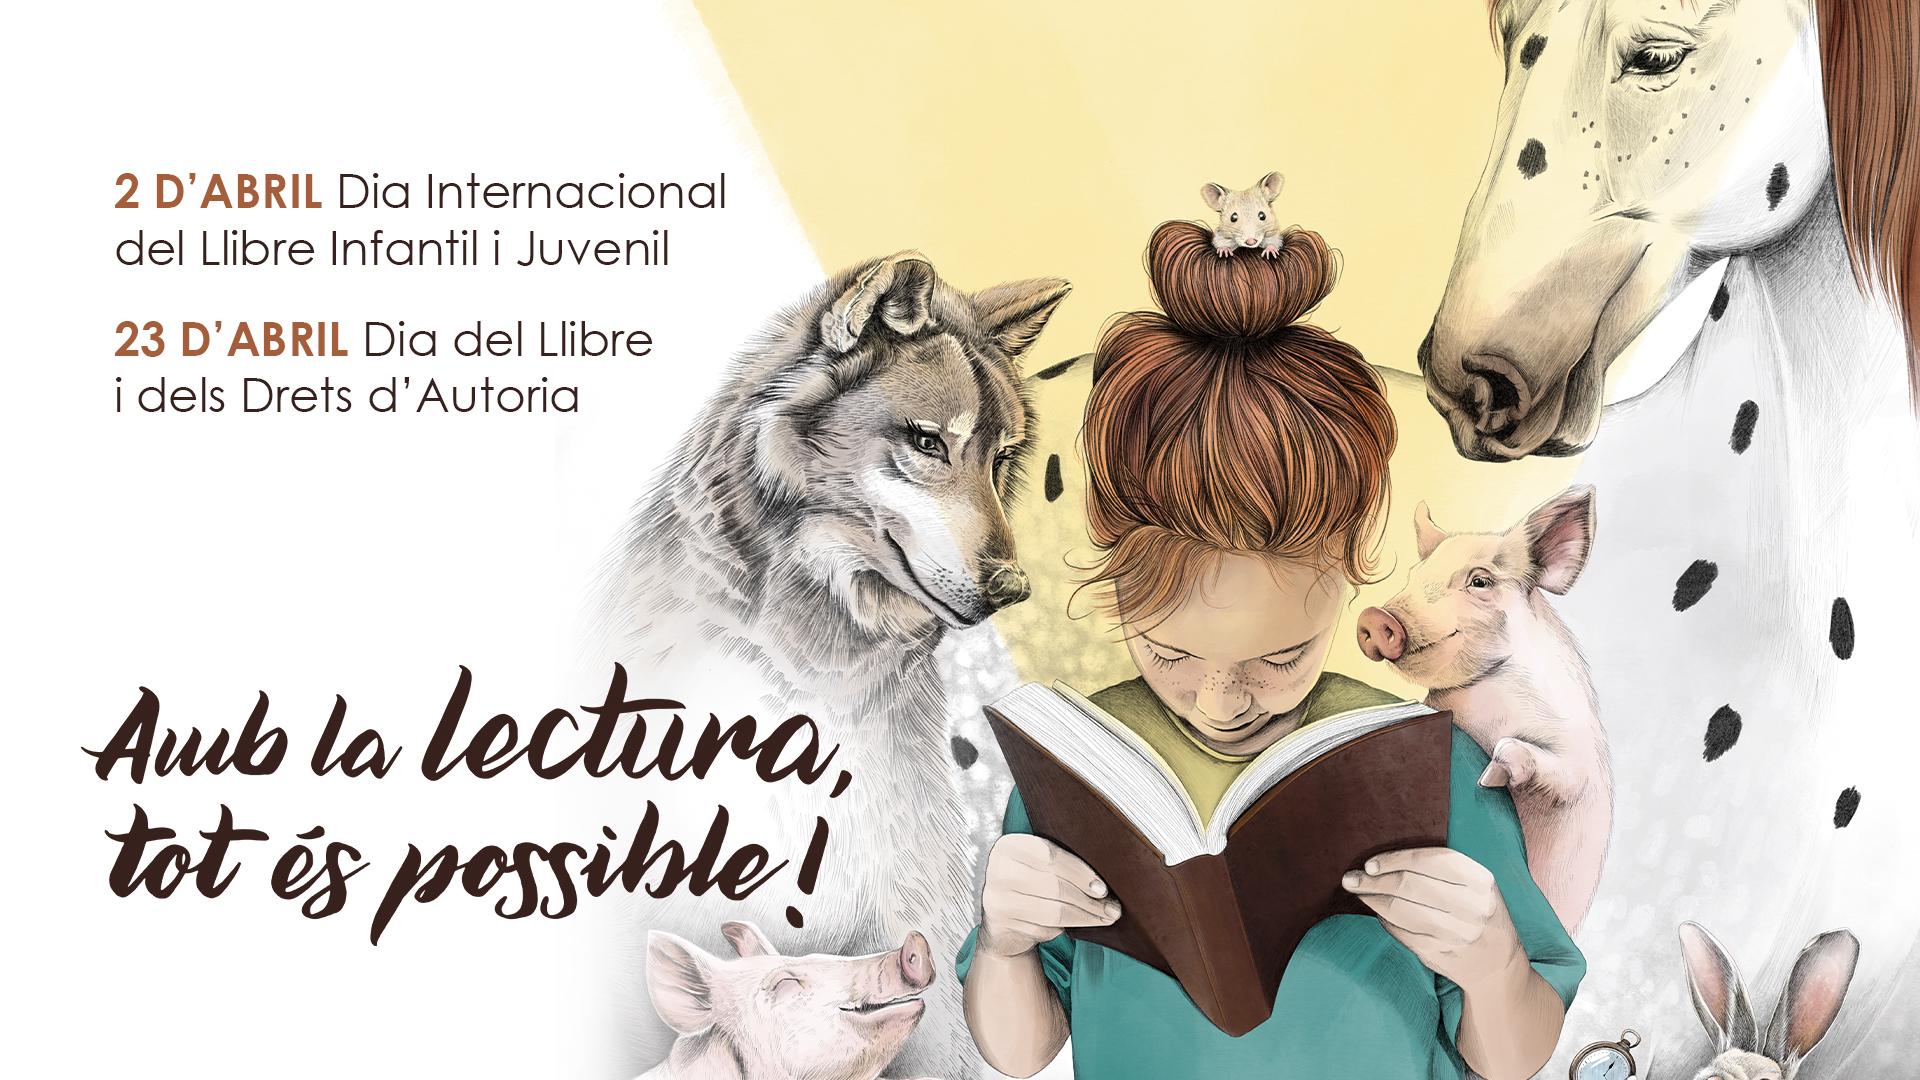 La Fundació Bromera regala més de 8.000 cartells per a commemorar el Dia del Llibre